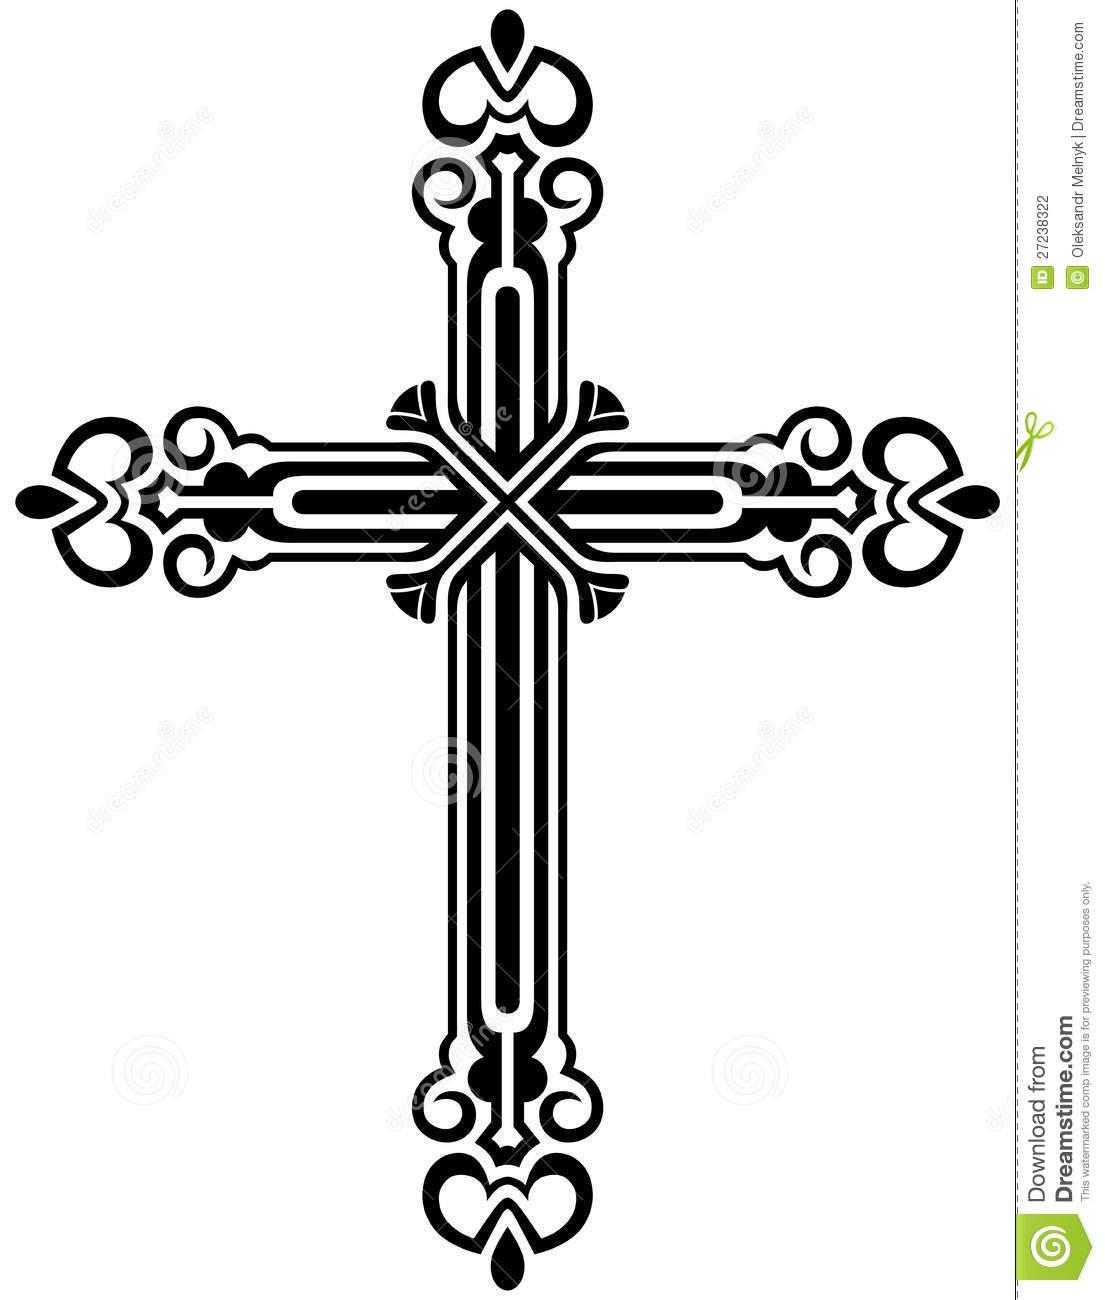 1105x1300 Christian Cross Clip Art Designs Clipart